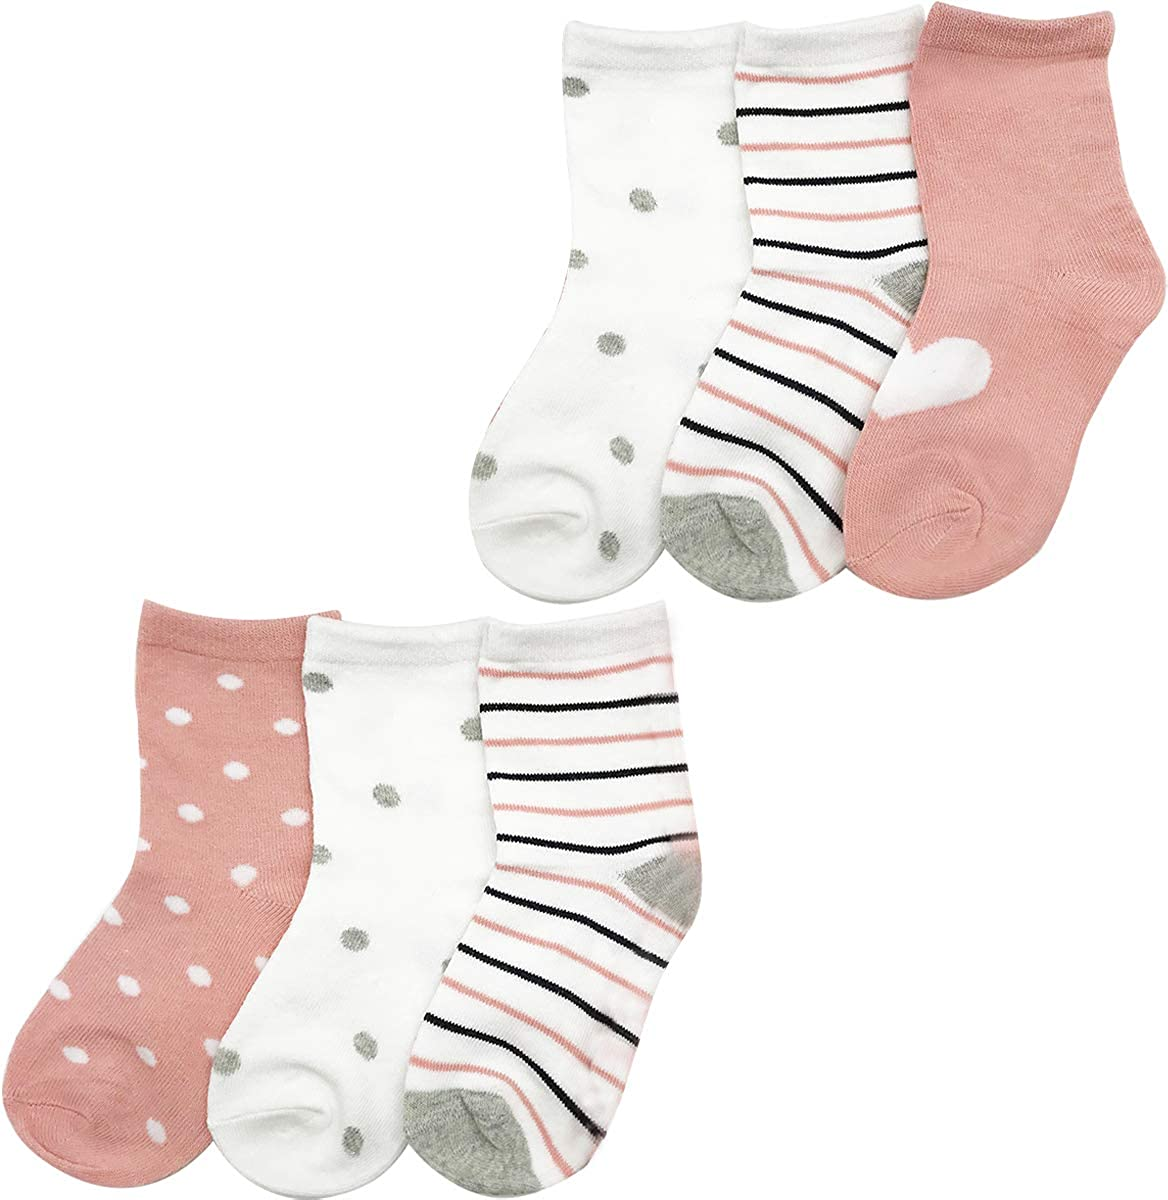 Intim Secret Intim Secret Pack 6 Lange zufällige Socken